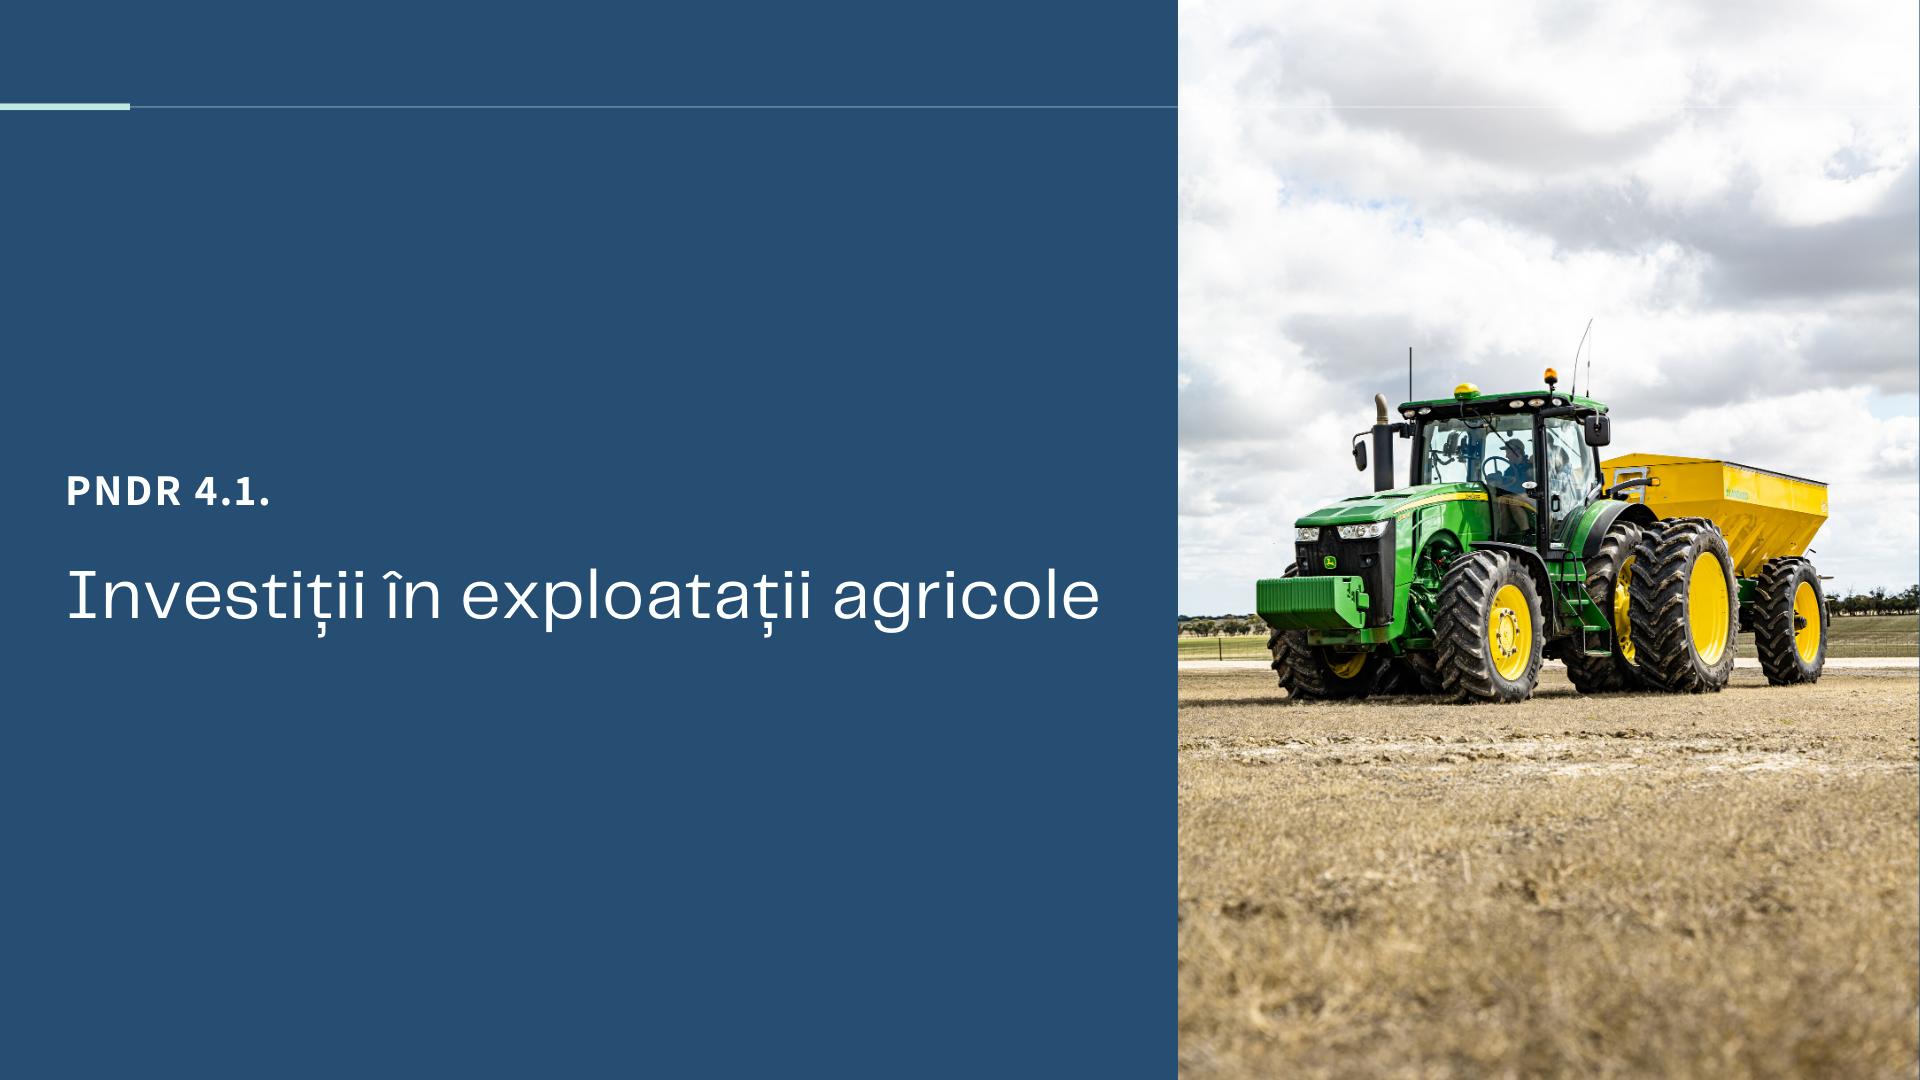 PNDR 4.1. Investiții în exploatații agricole